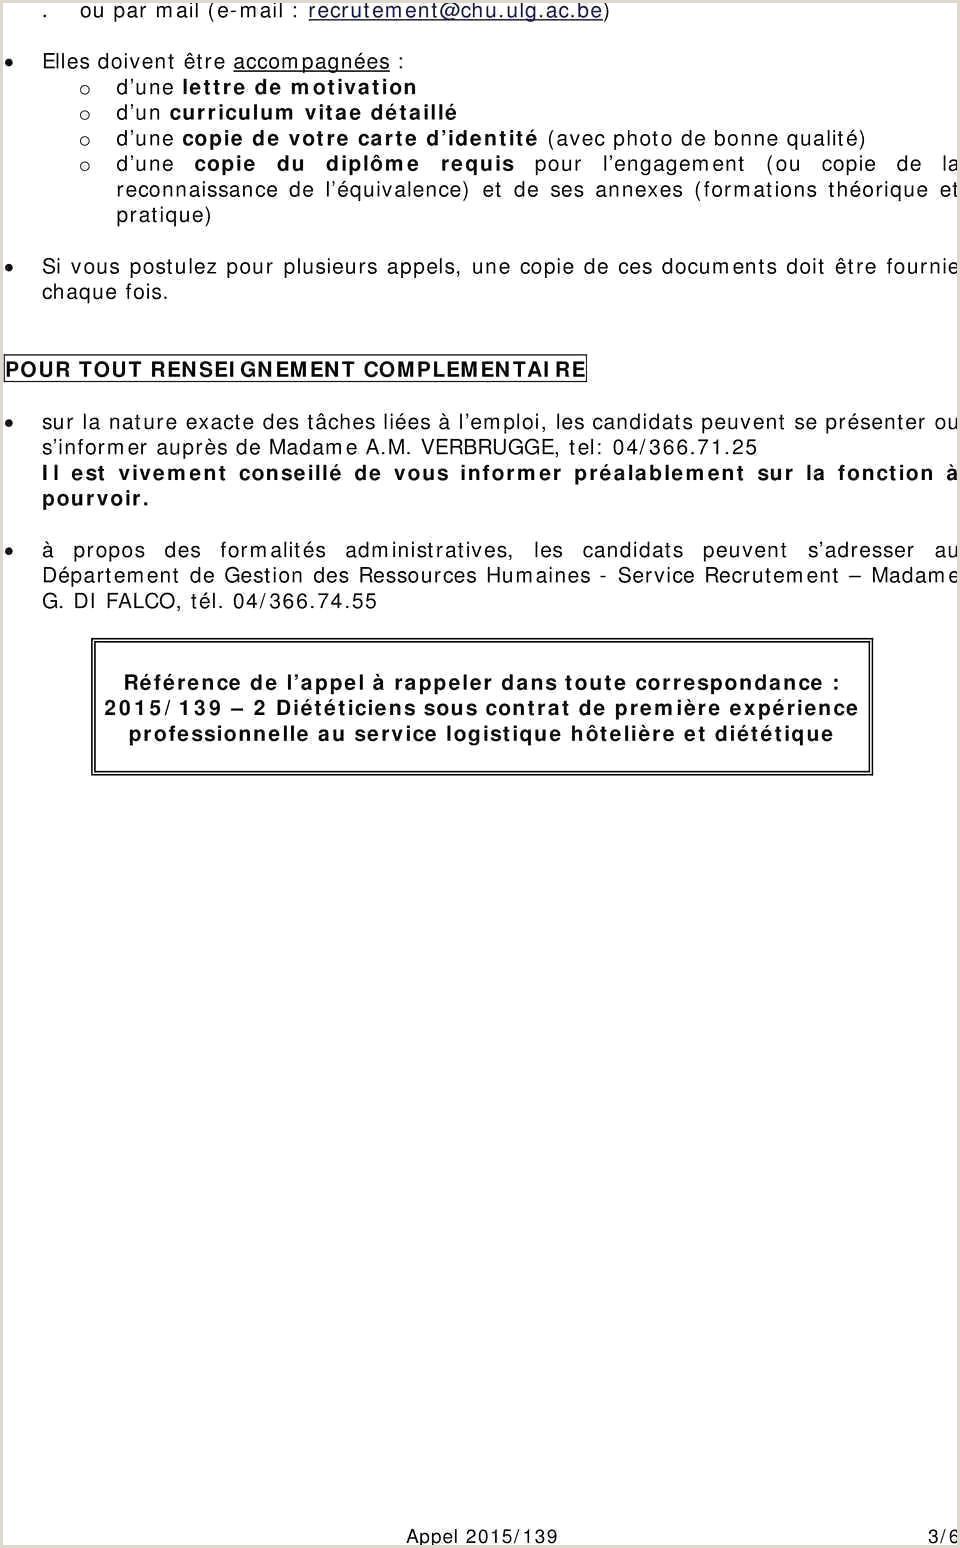 Exemple De Cv Dun Bachelier Exemple De Lettre De Motivation En Anglais Word Nouvelle Cv